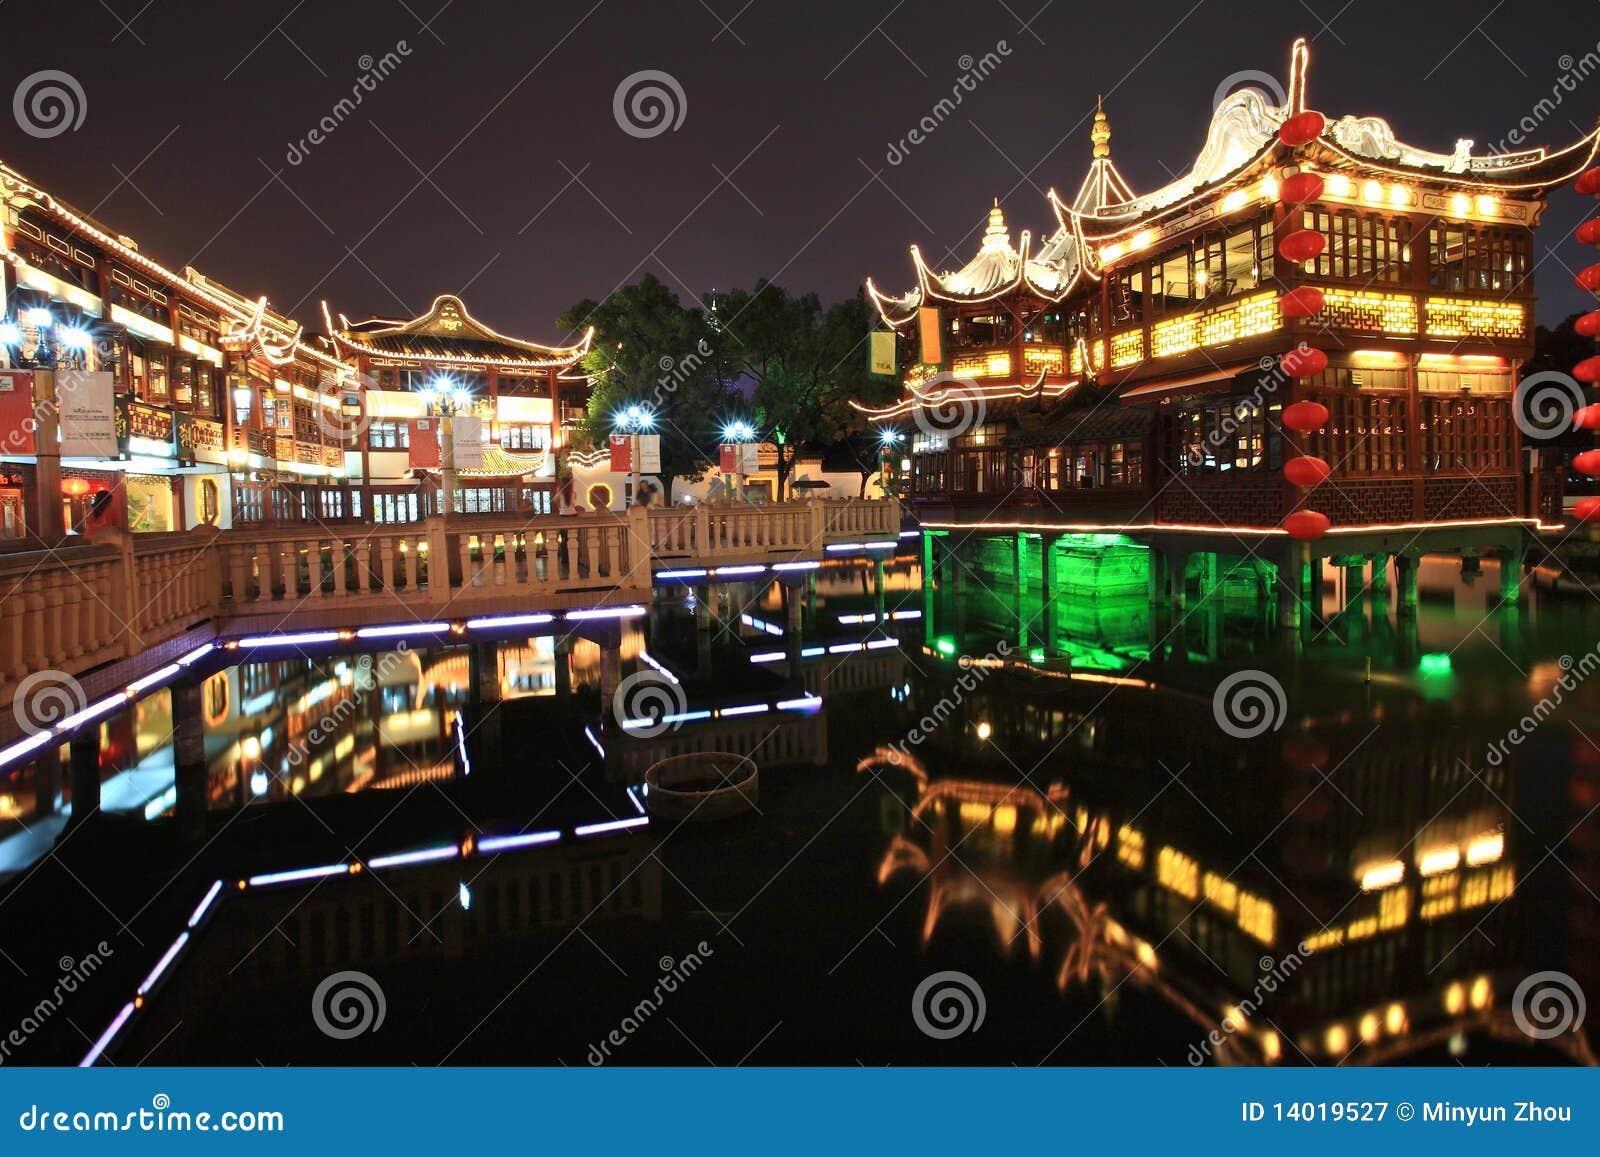 Chinese Garden,Shanghai,China